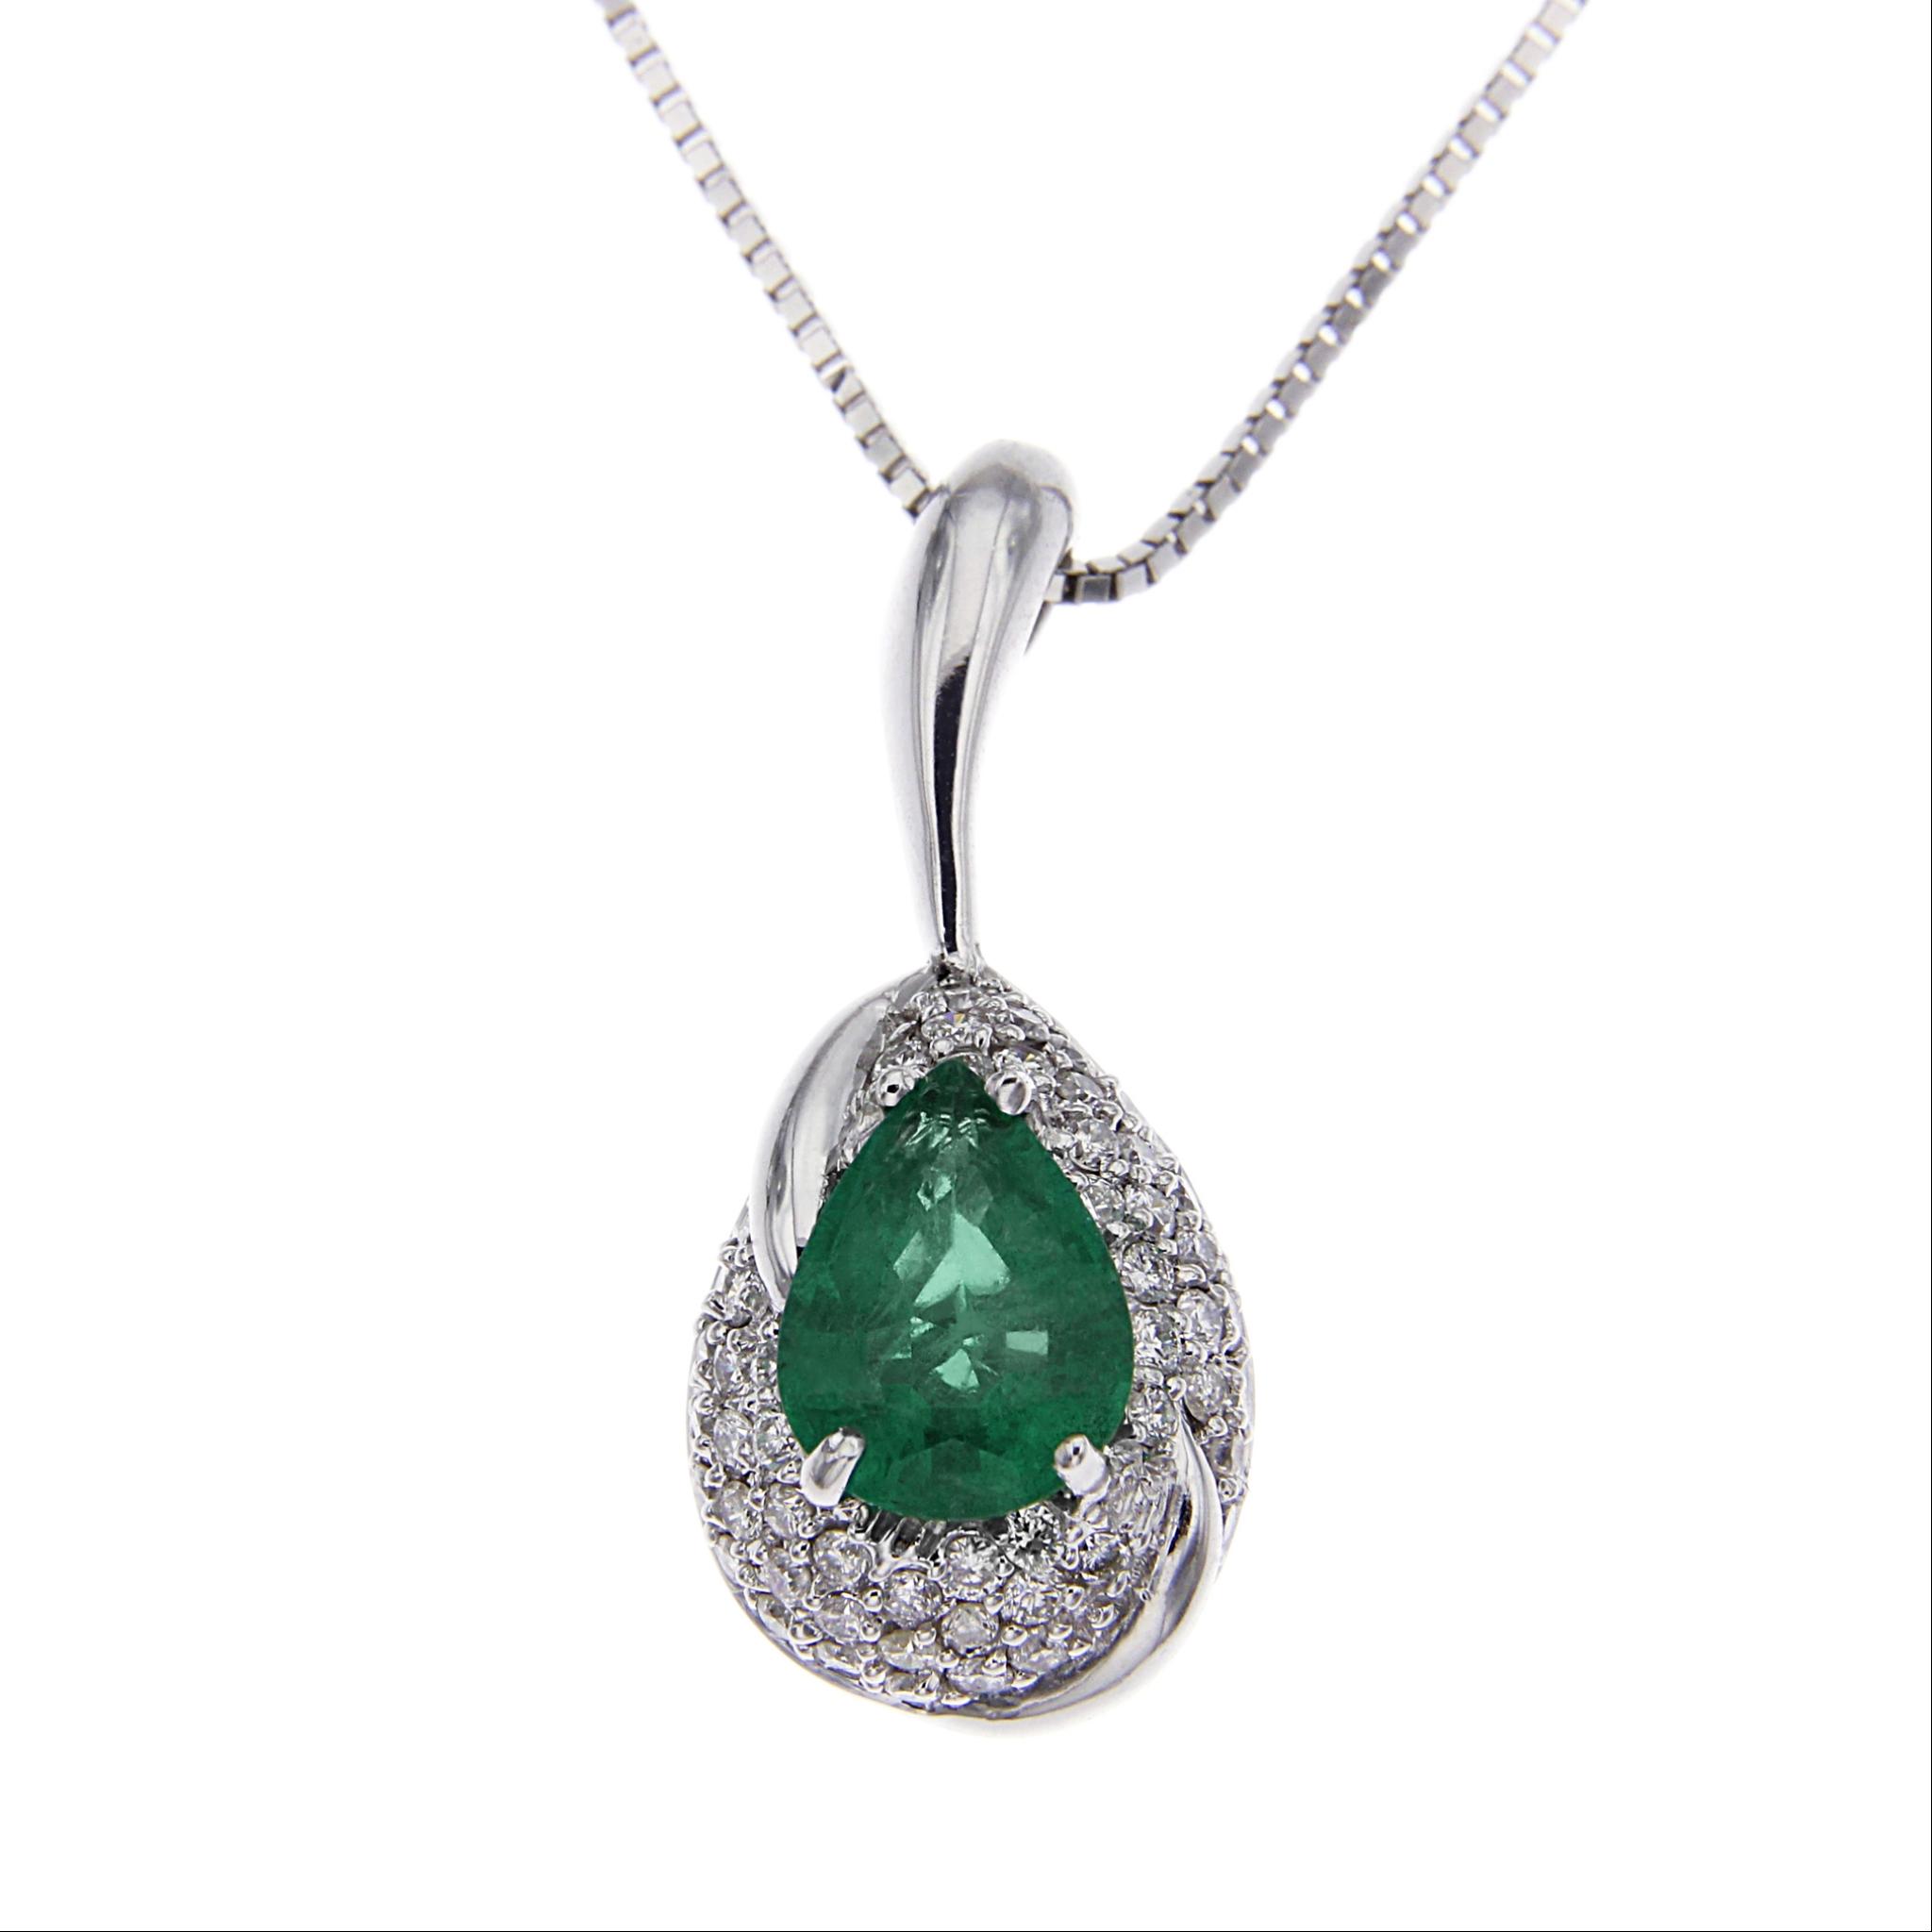 Pendente goccia con diamanti e smeraldo italiana gioielli gioielleria online - Gemelli diversi alla goccia testo ...